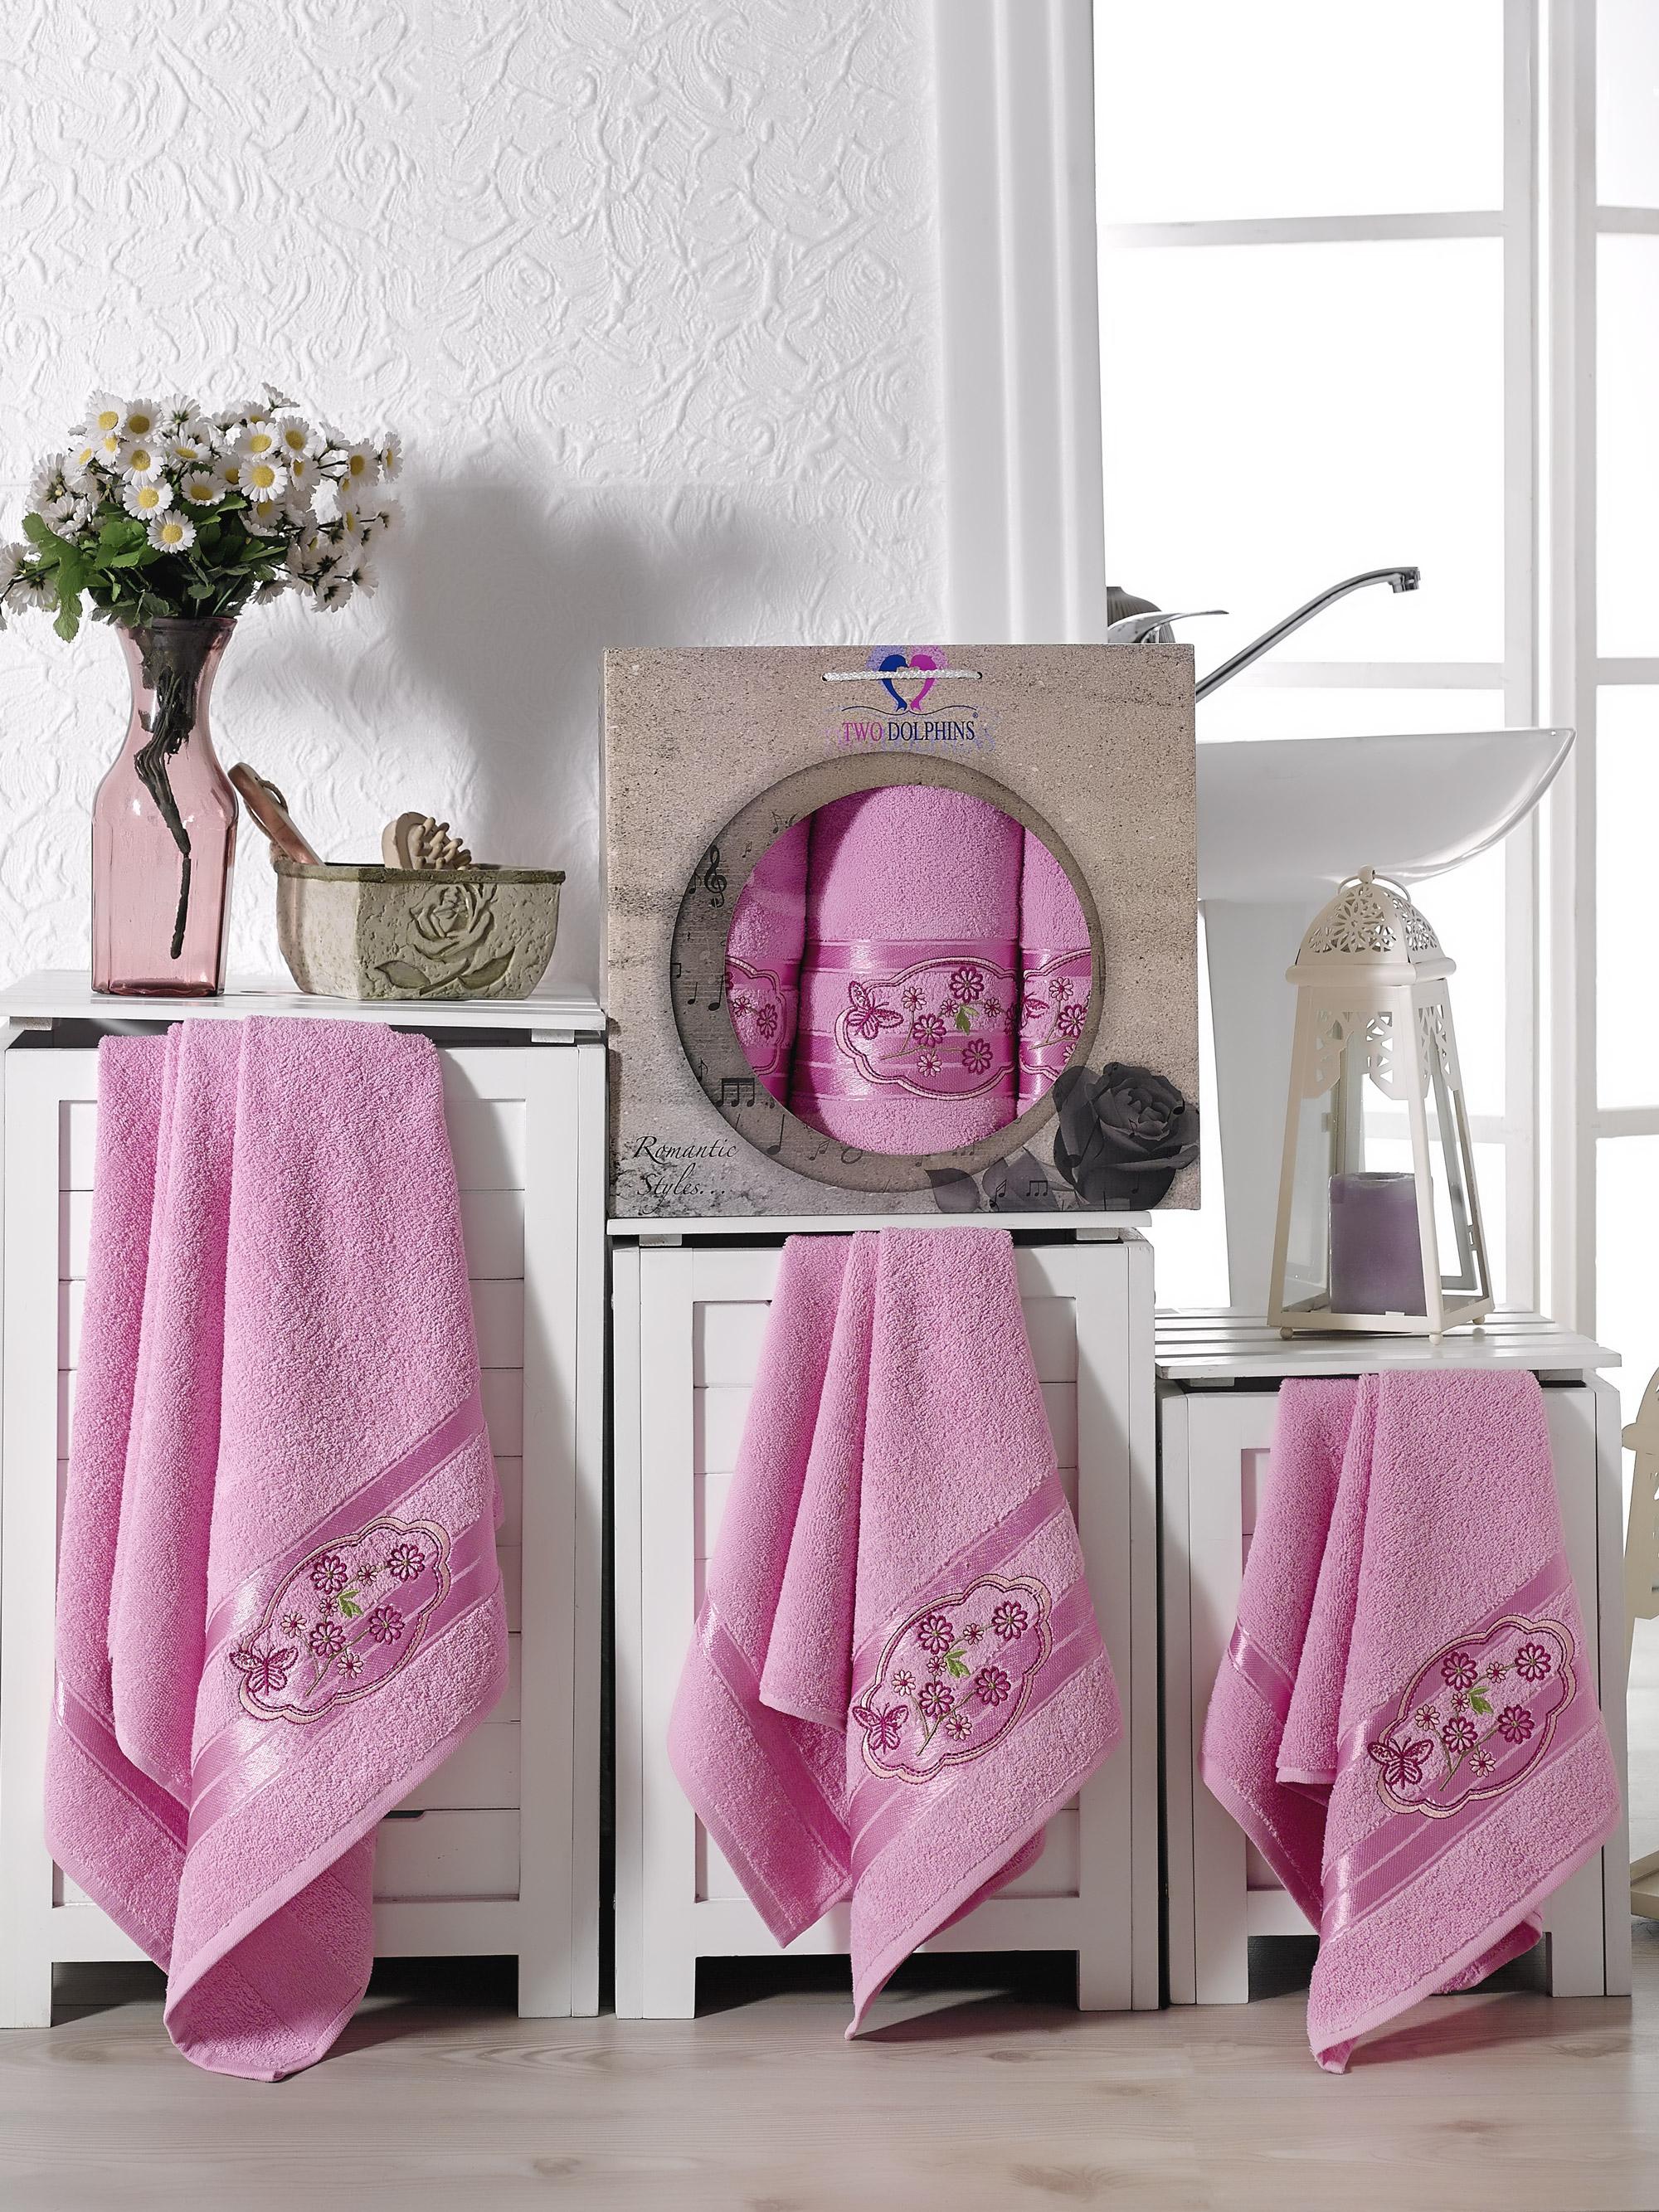 Купить Полотенца Two Dolphins, Полотенце Romantic Styles Цвет: Розовый (50х90 см - 2 шт, 70х140 см), Турция, Махра